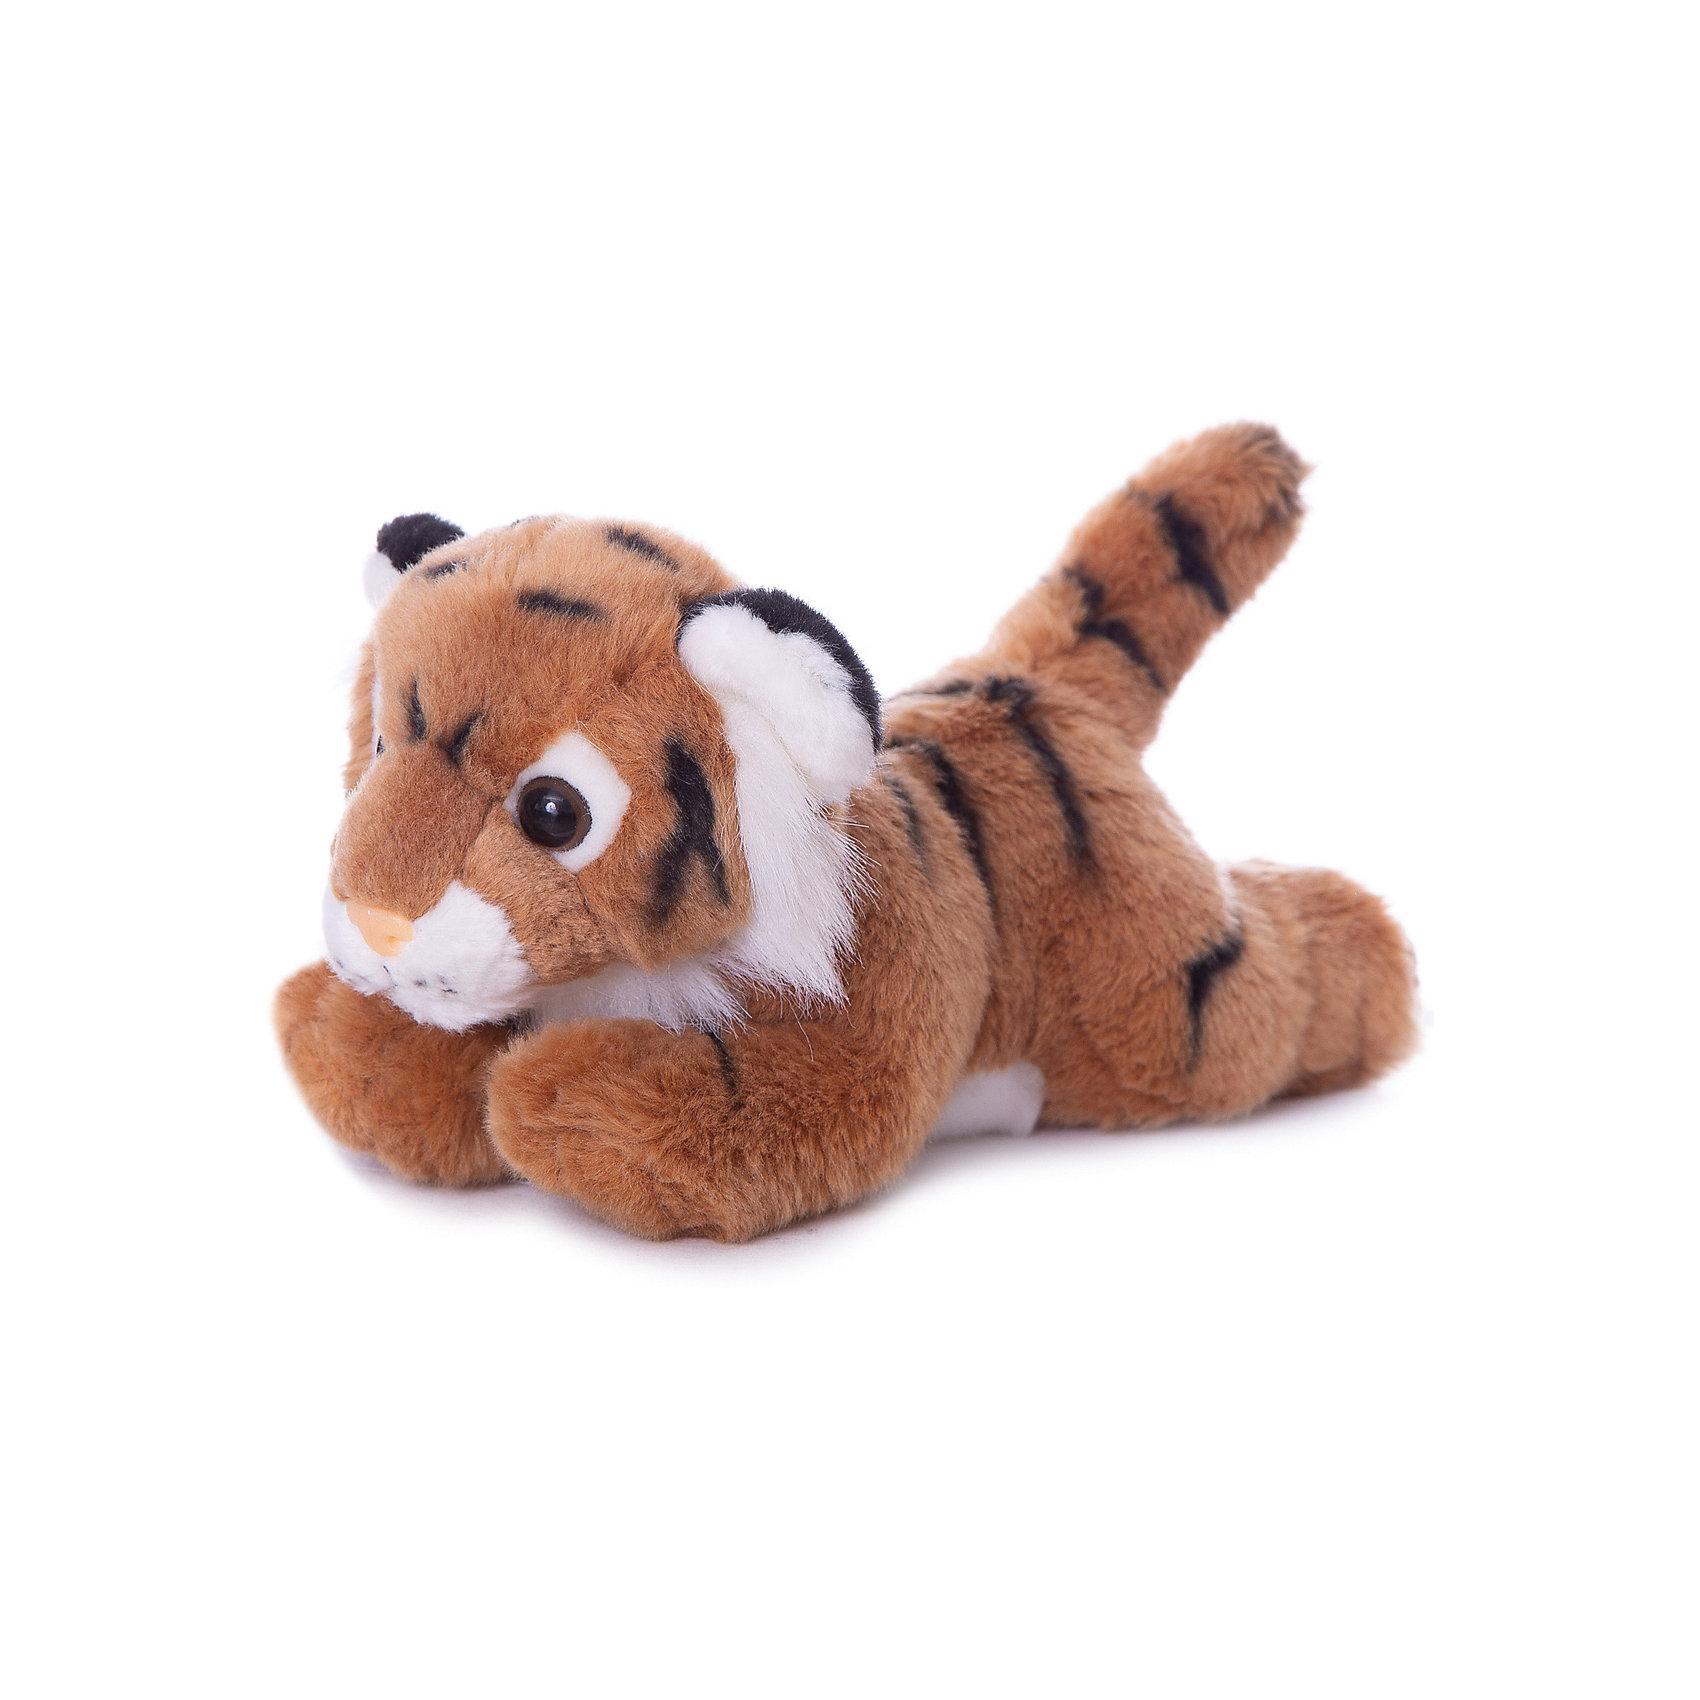 Мягкая игрушка Тигр коричневый, 28 см, AURORAЗвери и птицы<br>Очаровательный тигренок станет прекрасный сюрпризом для Вашего ребенка! К тому же, у него невероятно мягкая шерстка, красивая мордочка и очаровательные глазки!<br><br>Дополнительная информация:<br><br>- Возраст: от 3 лет.<br>- Материал: плюш, синтепон.<br>- Цвет: коричневый.<br>- Высота игрушки: 28 см.<br><br>Купить мягкую игрушку Тигренка в коричневом цвете, можно в нашем магазине.<br><br>Ширина мм: 280<br>Глубина мм: 110<br>Высота мм: 140<br>Вес г: 256<br>Возраст от месяцев: 36<br>Возраст до месяцев: 120<br>Пол: Унисекс<br>Возраст: Детский<br>SKU: 4929044